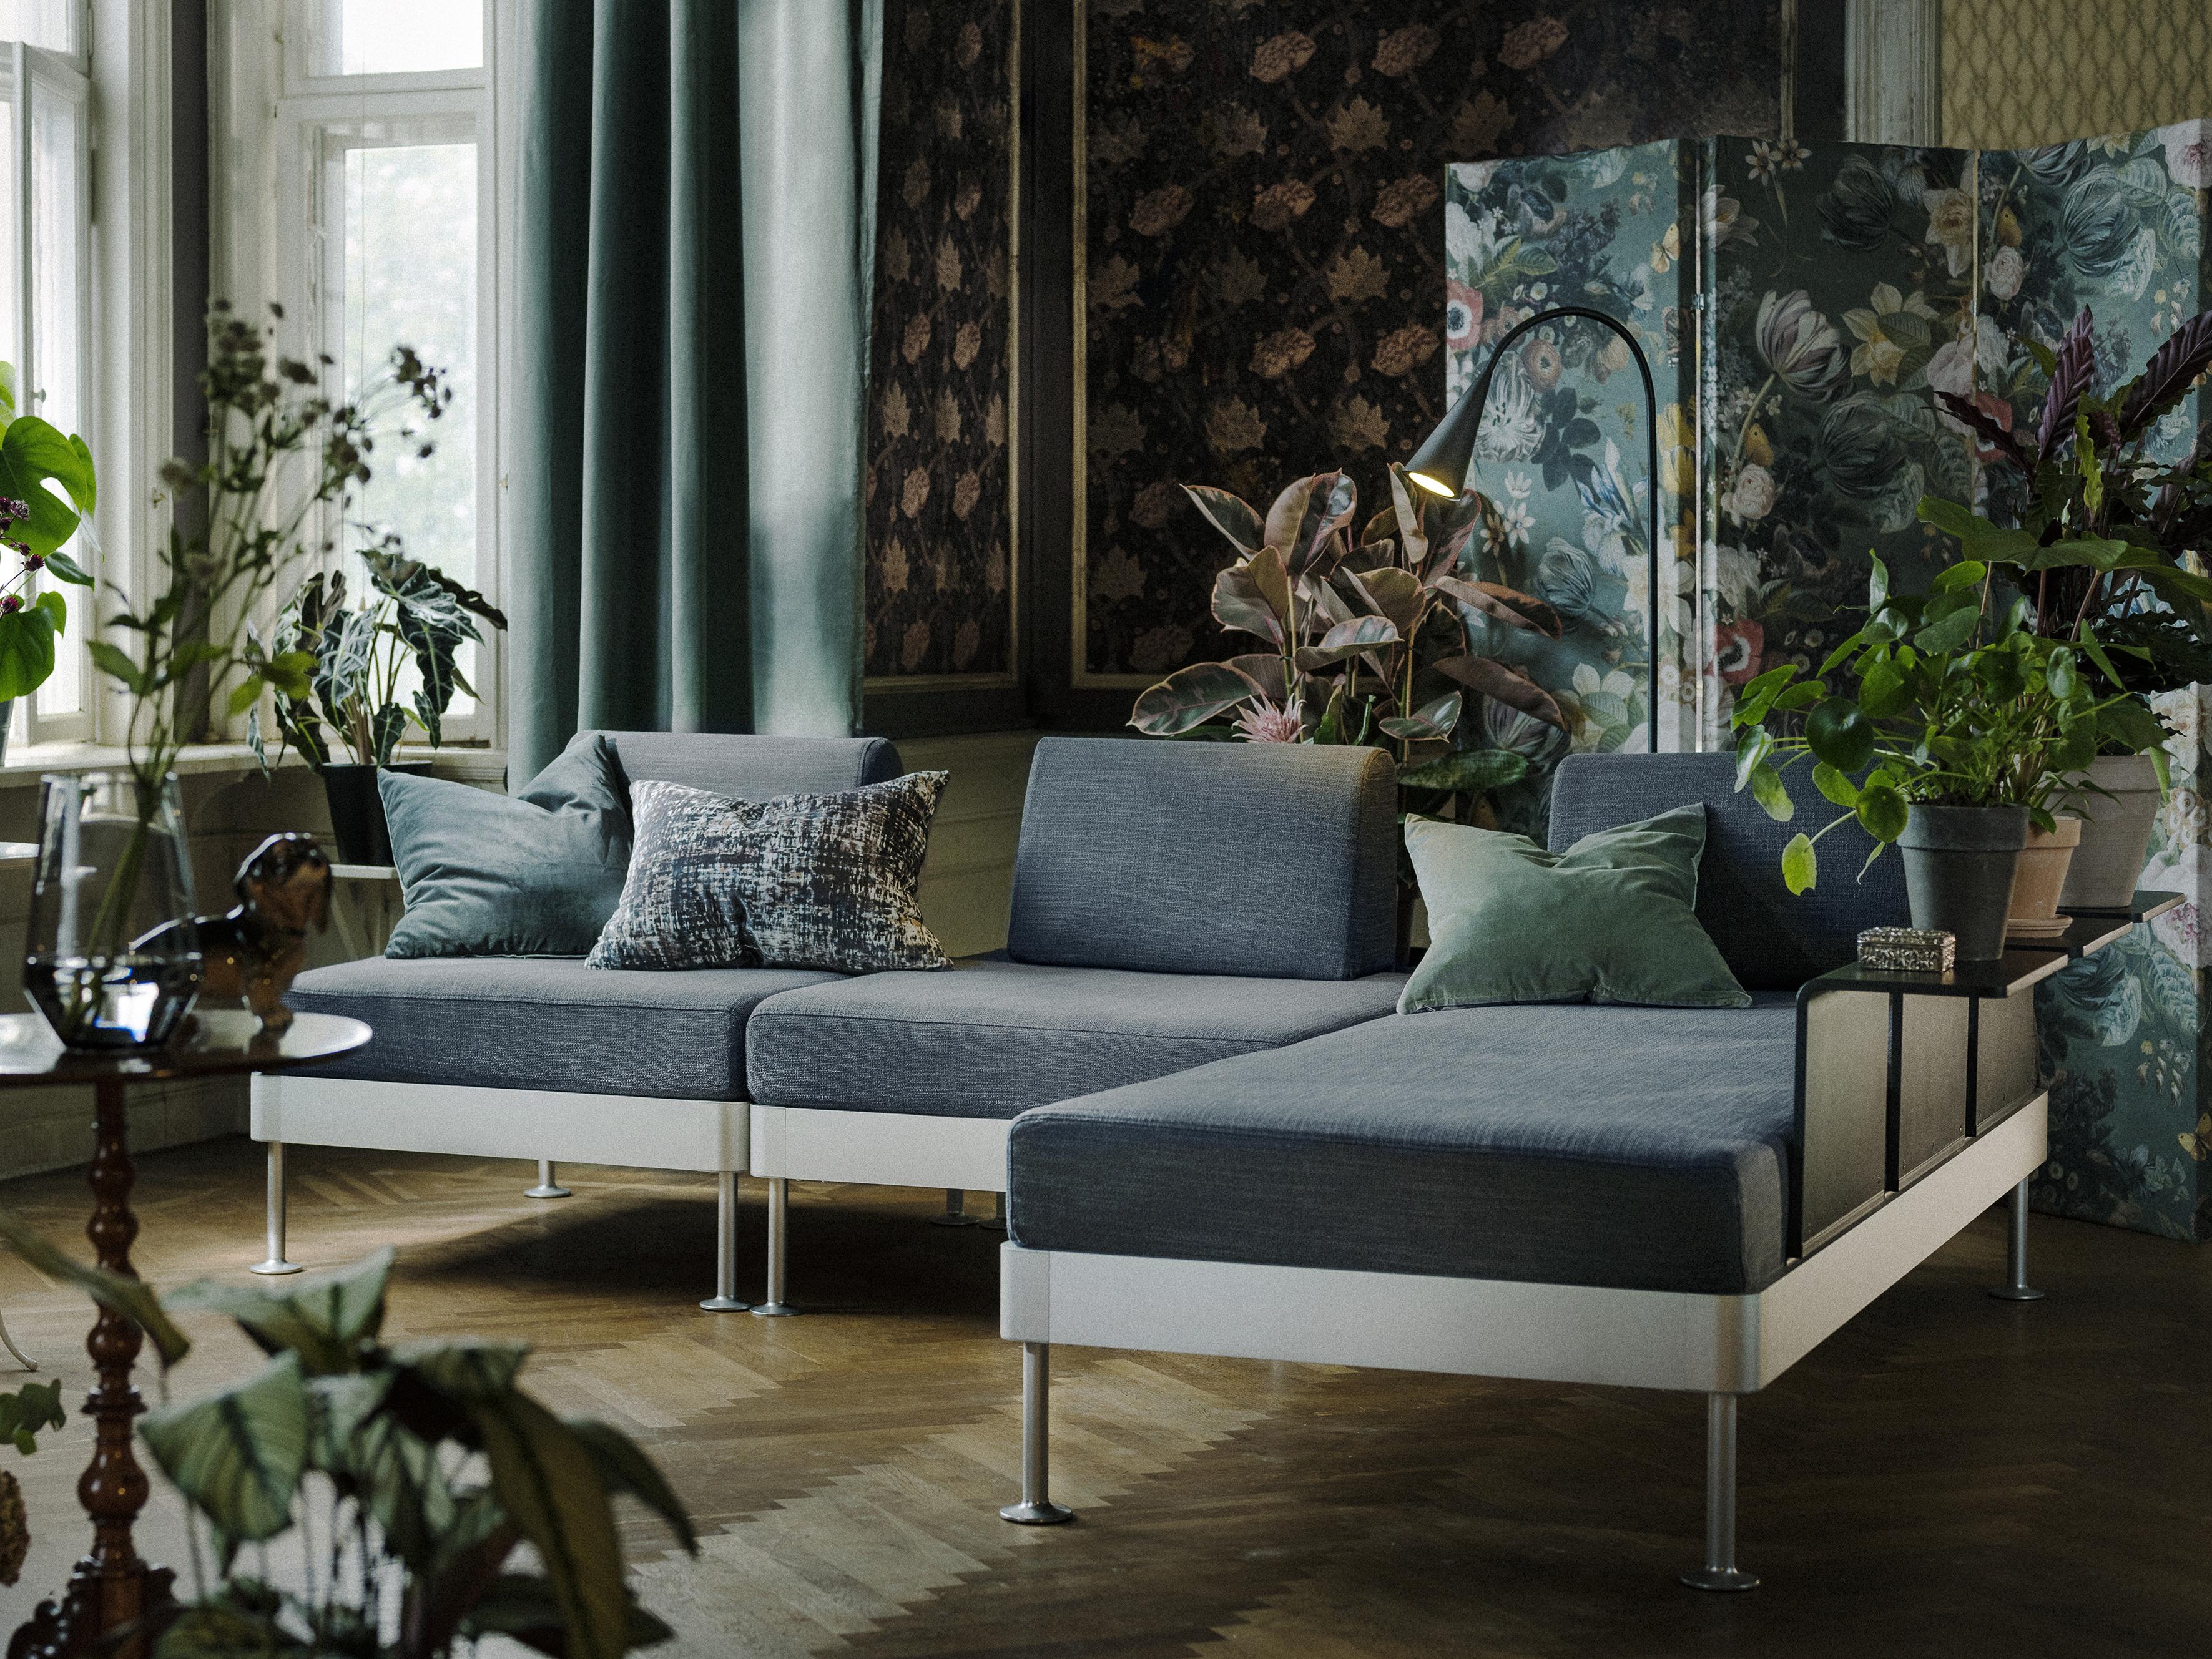 IKEA_DELAKTIG_soffkombination_Hillared_antracit_PH148108